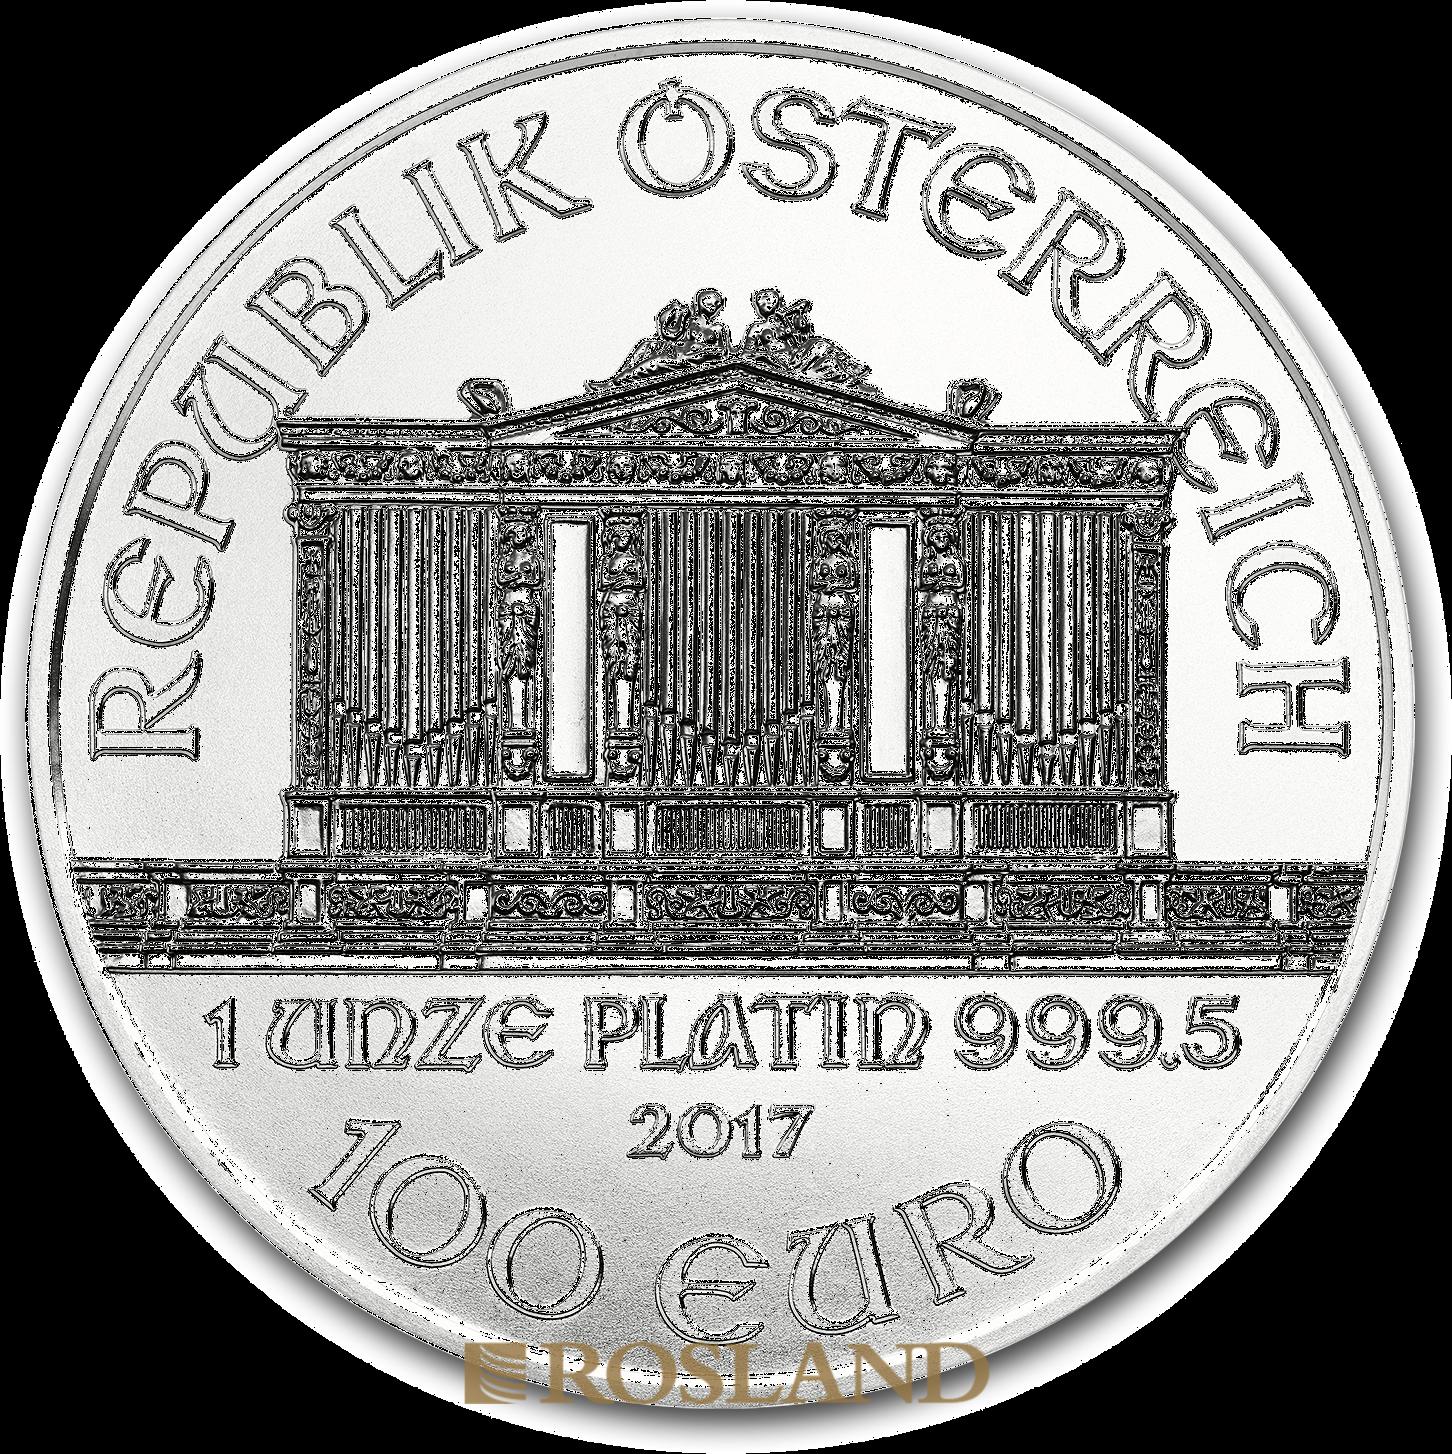 1 Unze Platinmünze Wiener Philharmoniker 2017